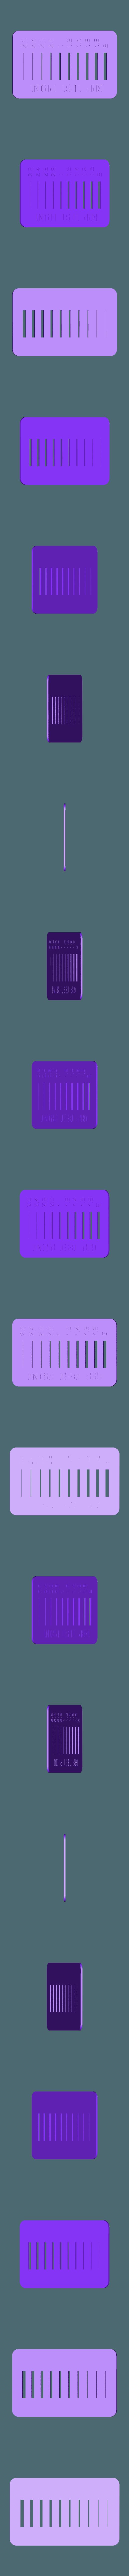 Gap_Test_Print.stl Télécharger fichier SCAD gratuit Test d'impression murale / d'espacement v2 (personnalisable) • Design pour impression 3D, WalterHsiao